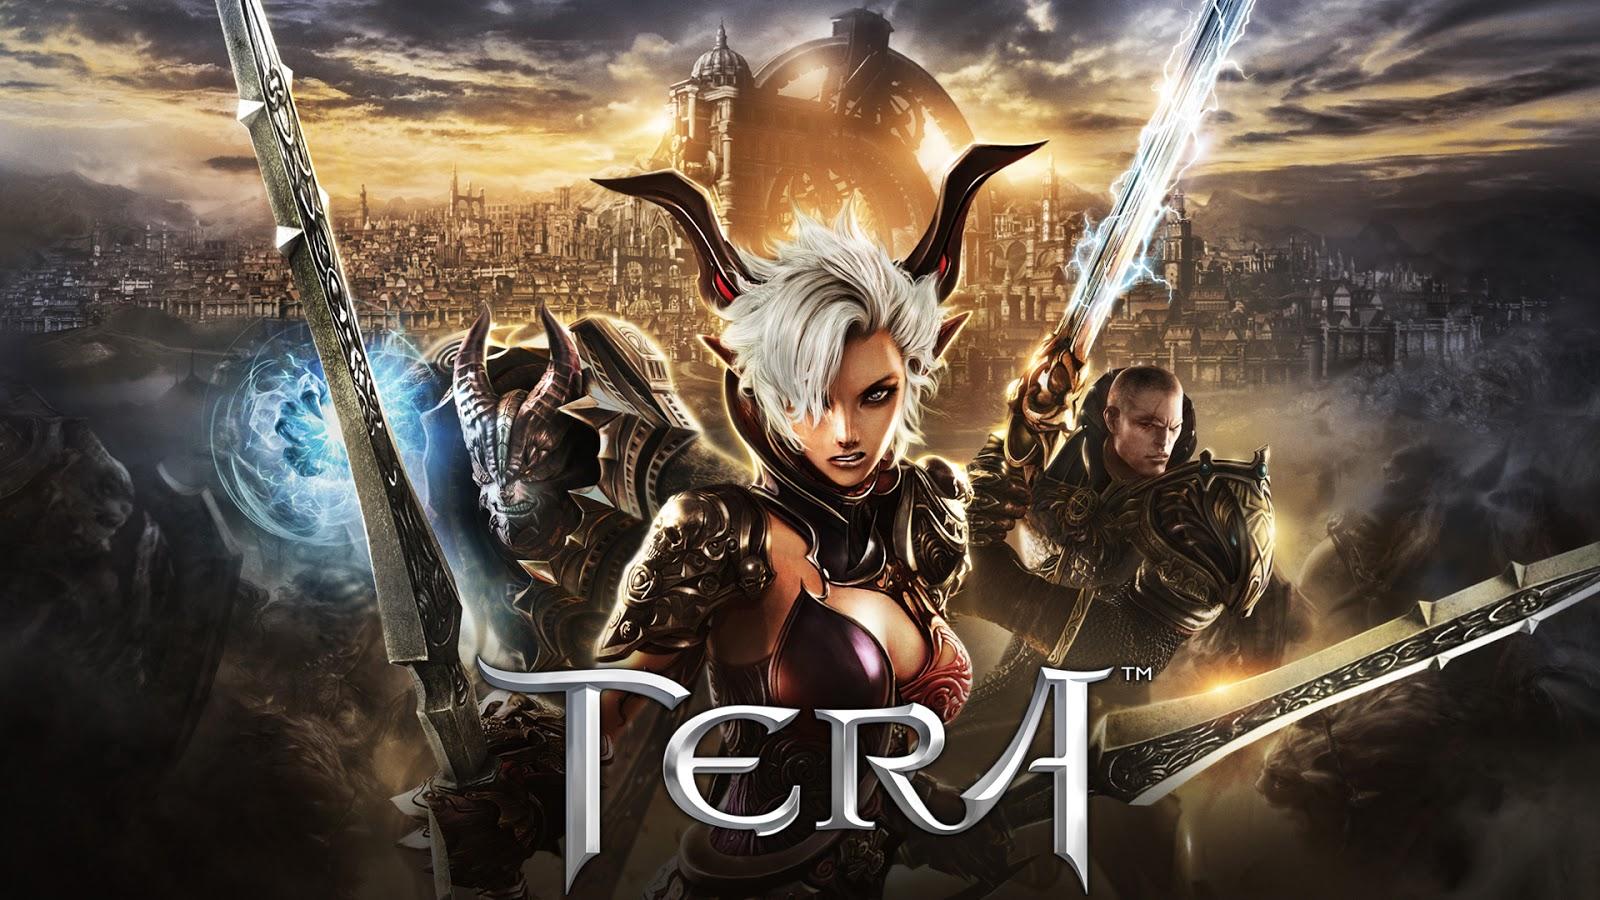 Tera Spiel